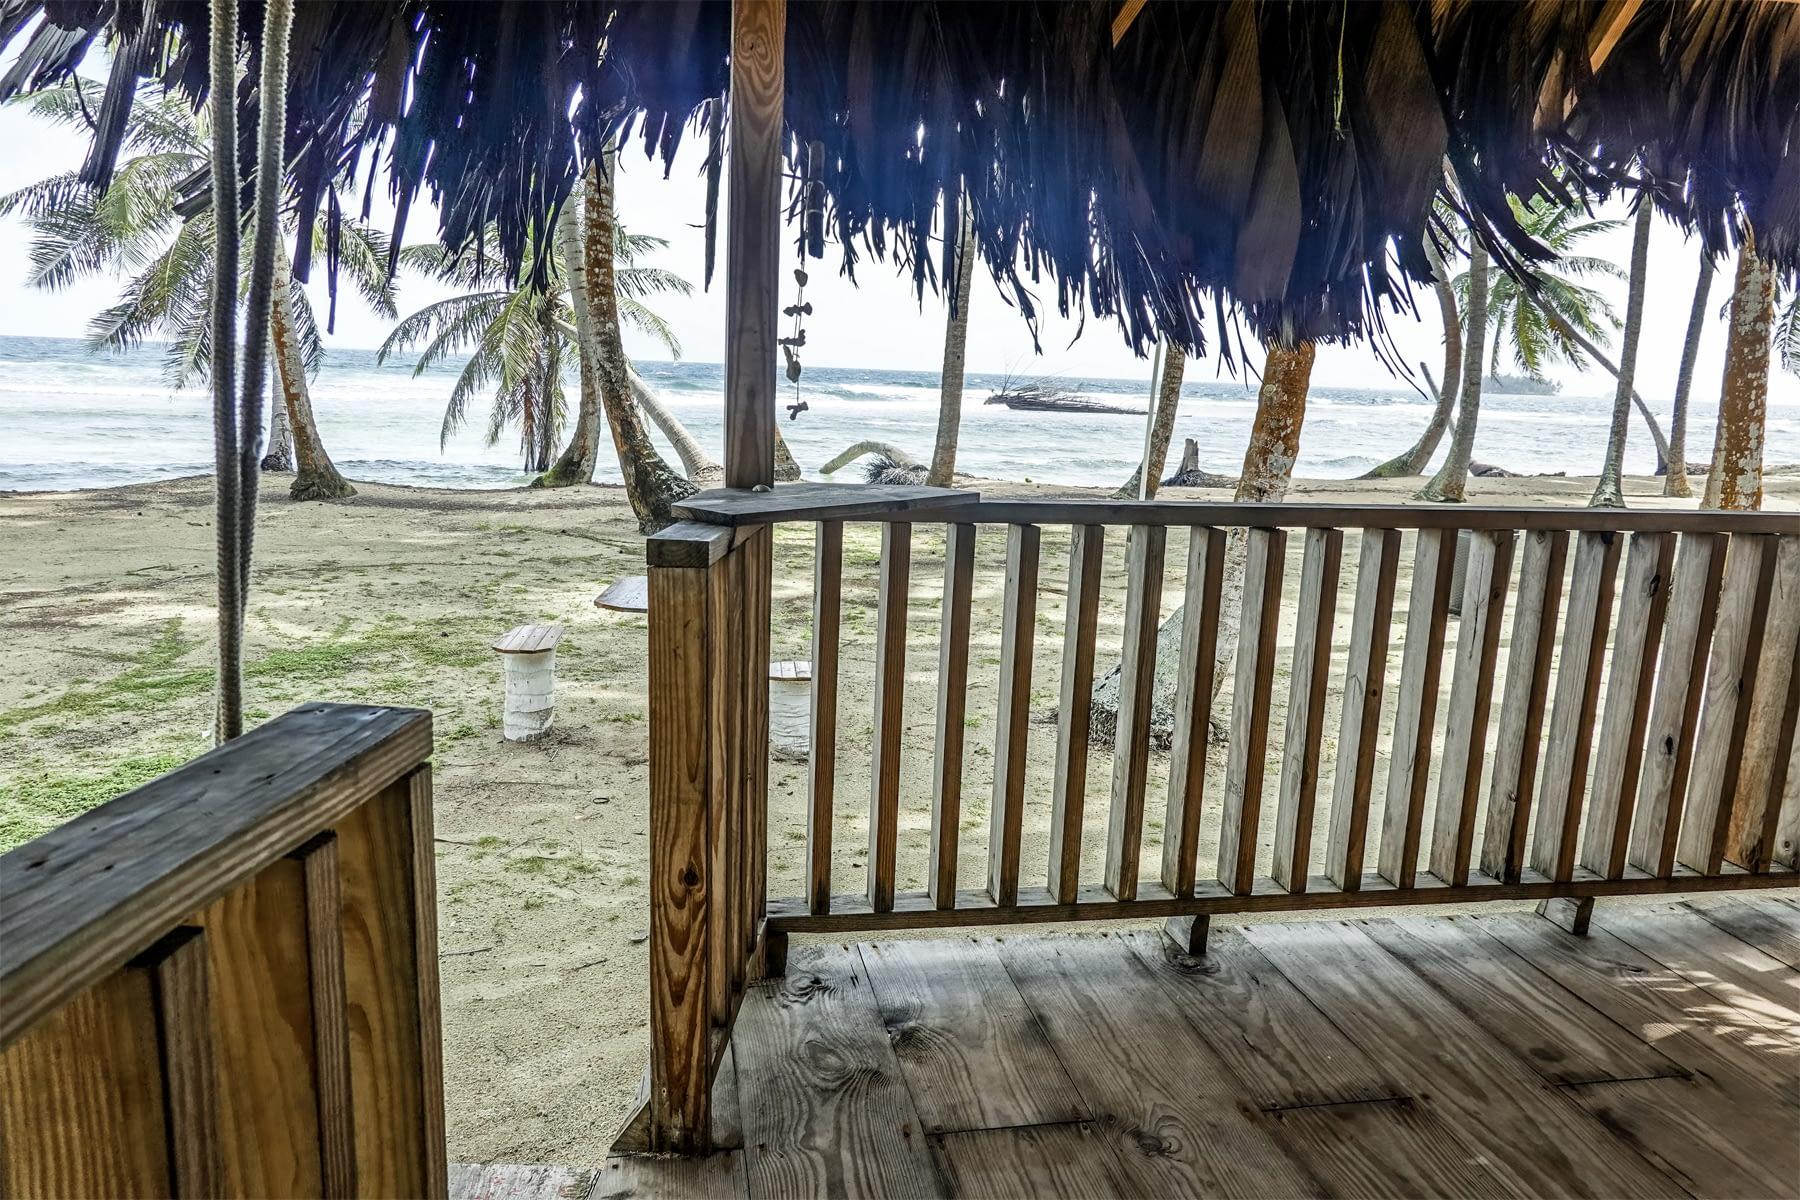 Vista desde la balcón de la cabaña en isla Iggodub